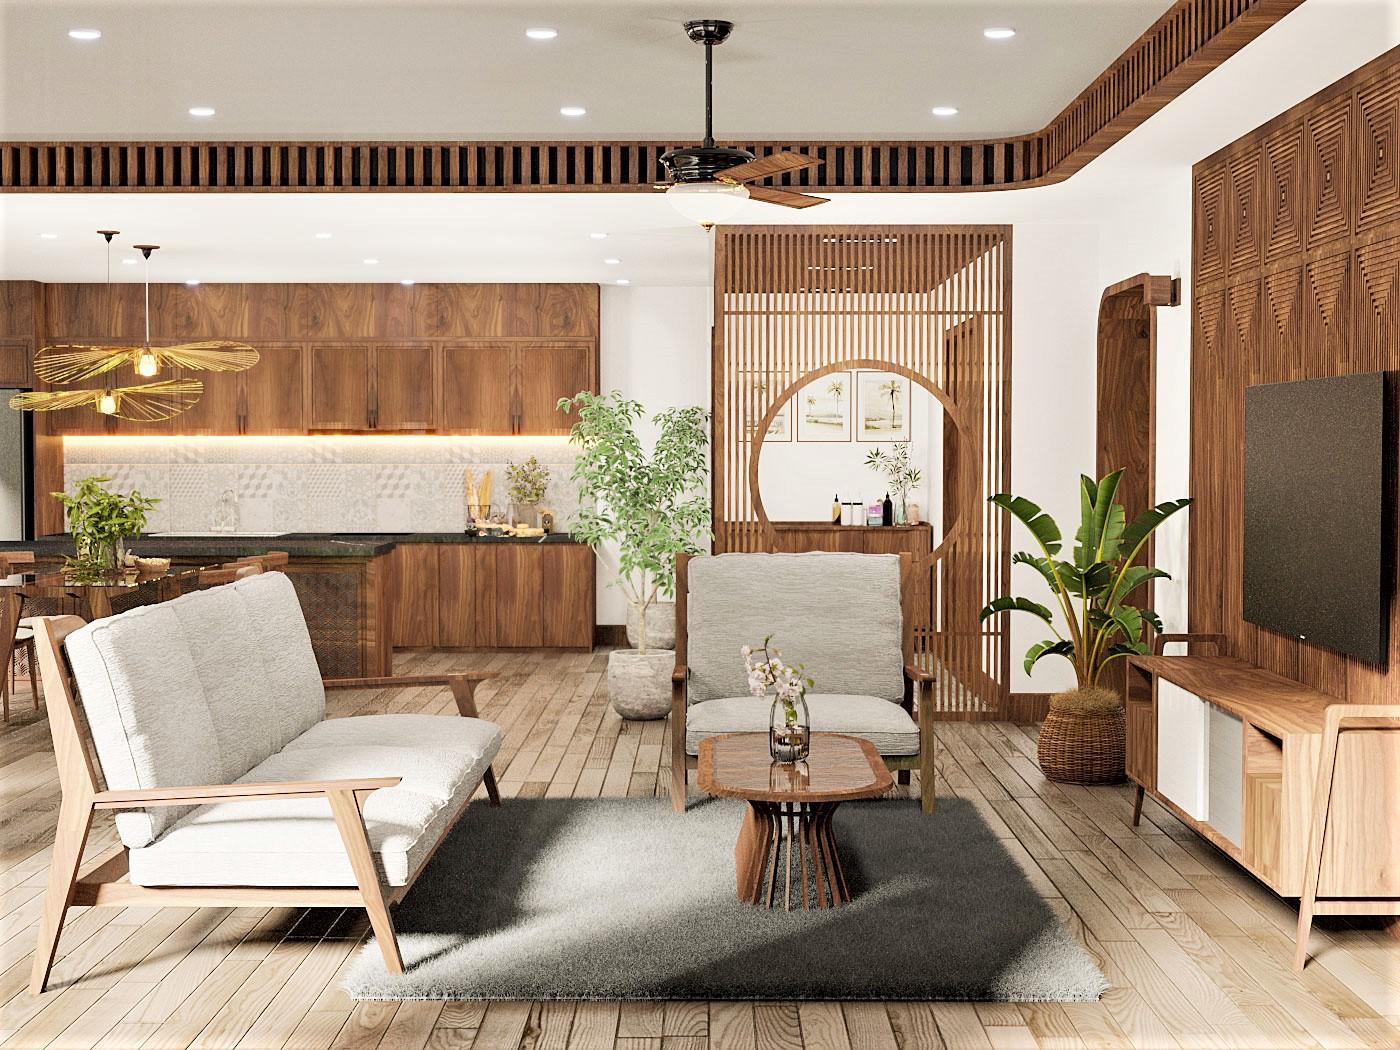 Phong cách thiết kế Mid-Century gần gũi với người Việt